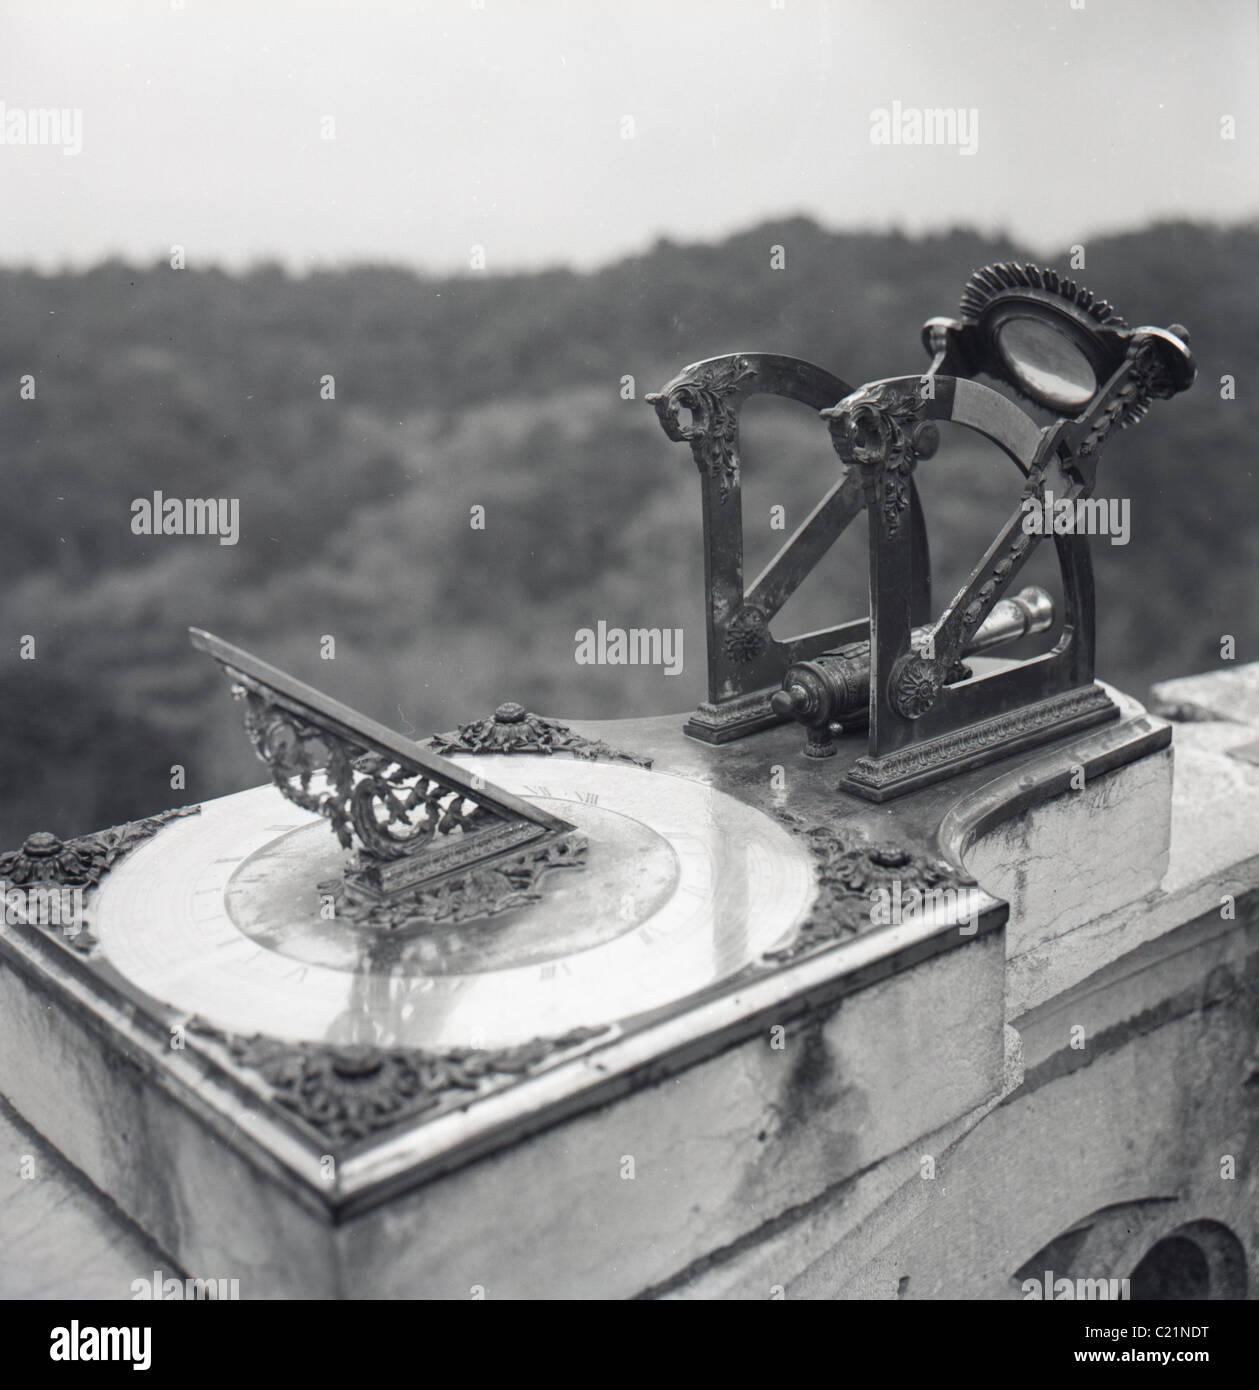 Années 1950, le Portugal. Close-up d'un cadran solaire. Photo Stock